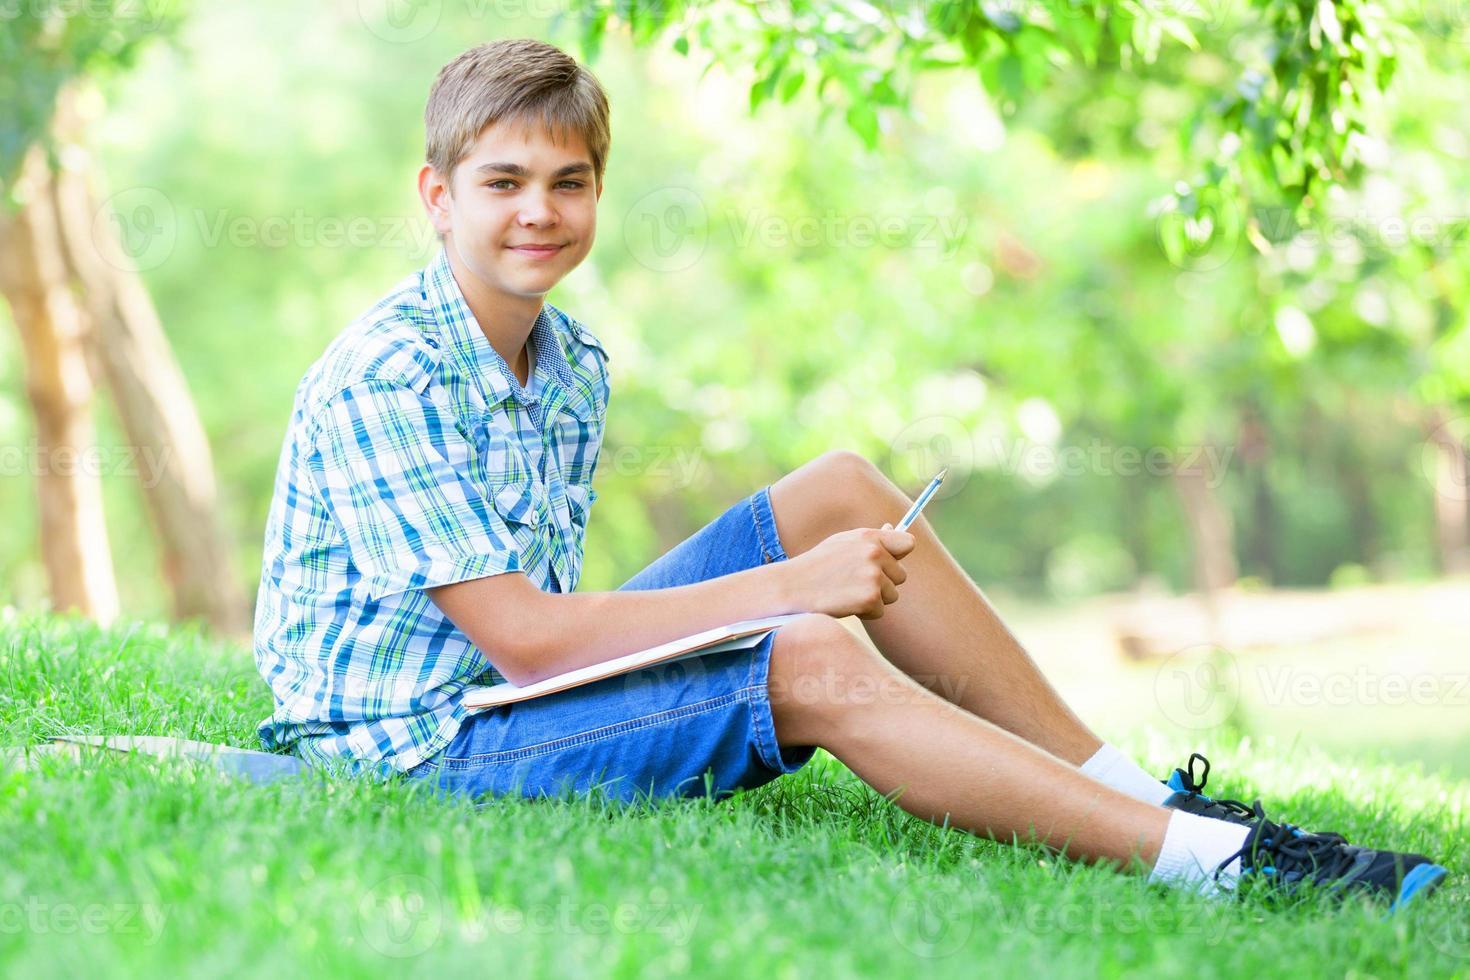 tienerjongen met boeken en notitieboekje in het park. foto